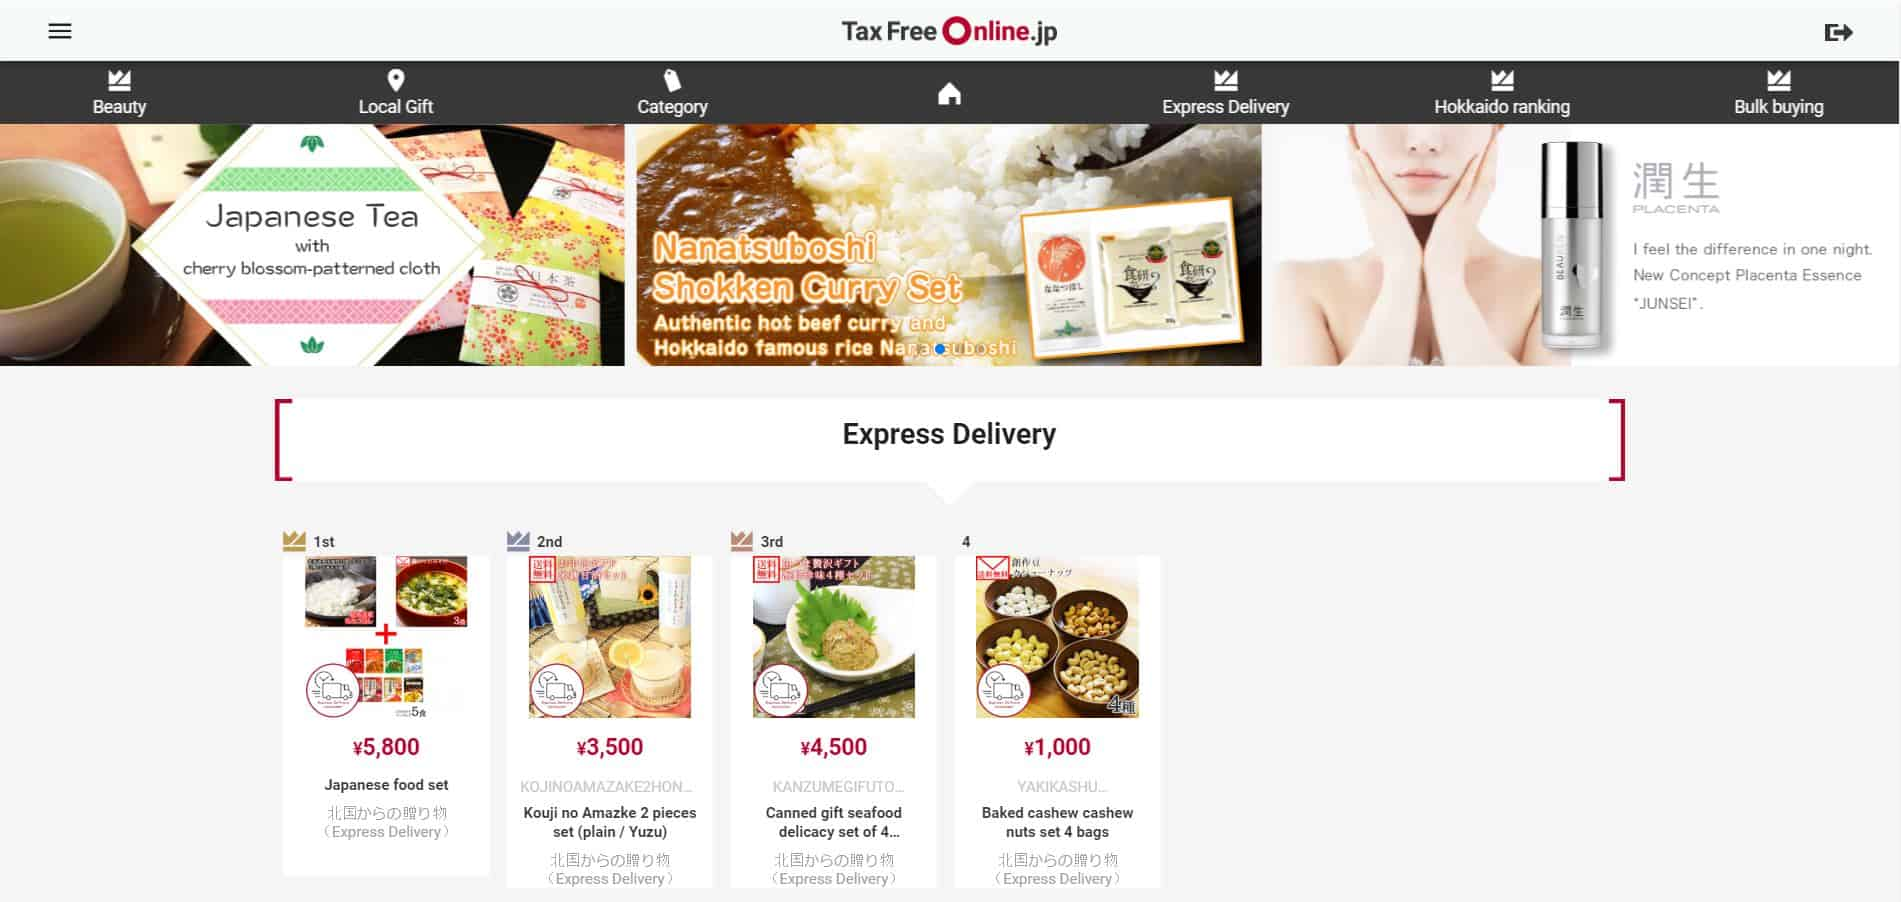 taxfreeonline.jp เว็บช็อปปิ้งสินค้าปลอดภาษีของญี่ปุ่น